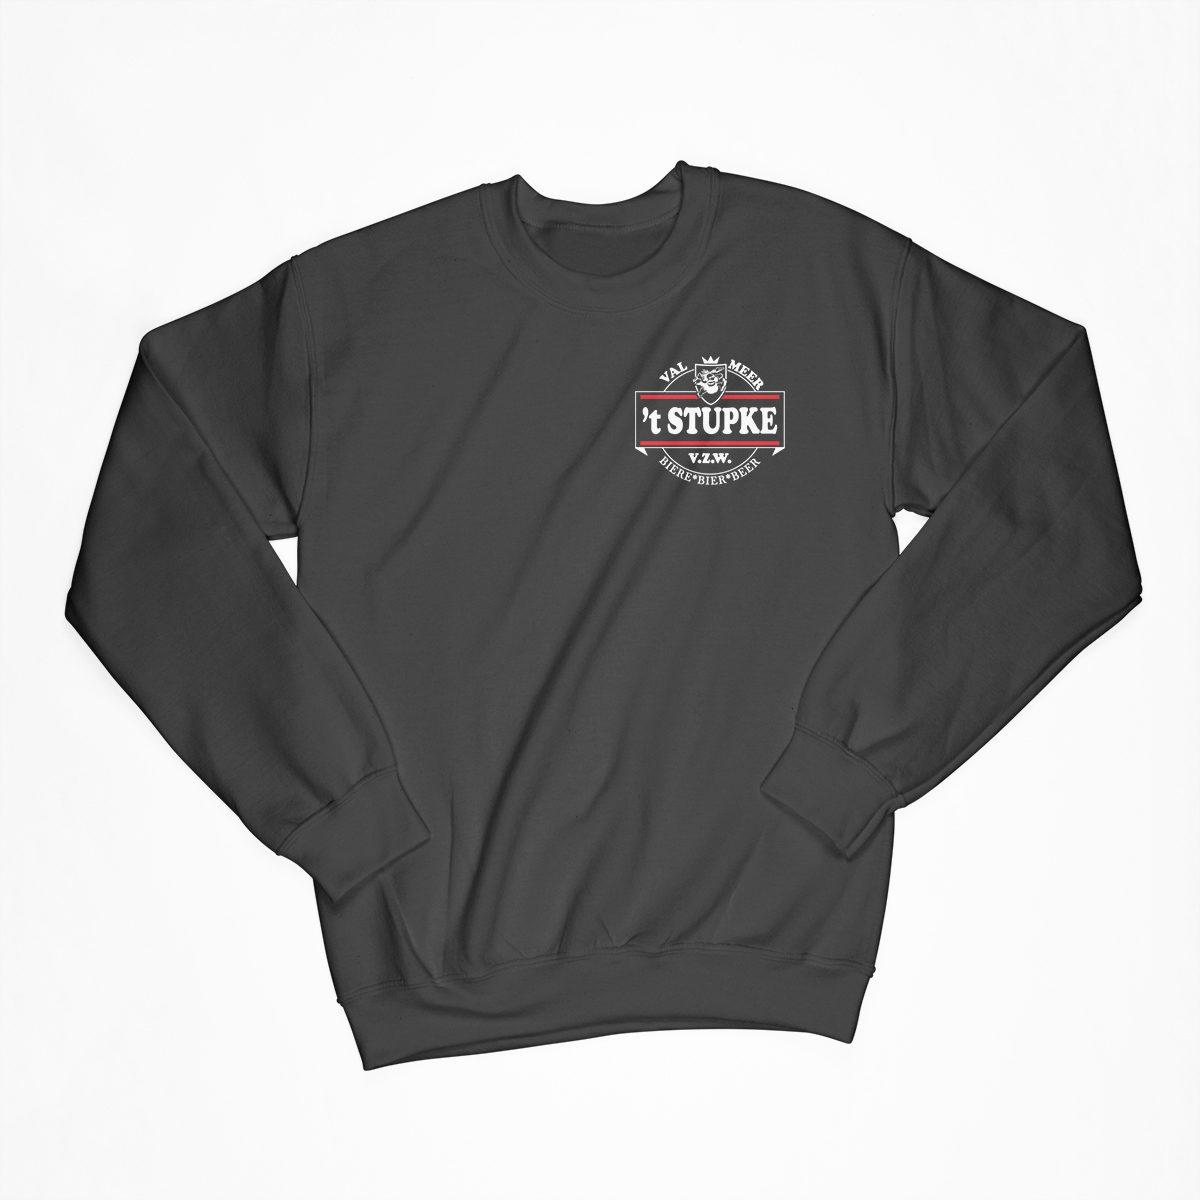 tstupke_sweatshirt_front